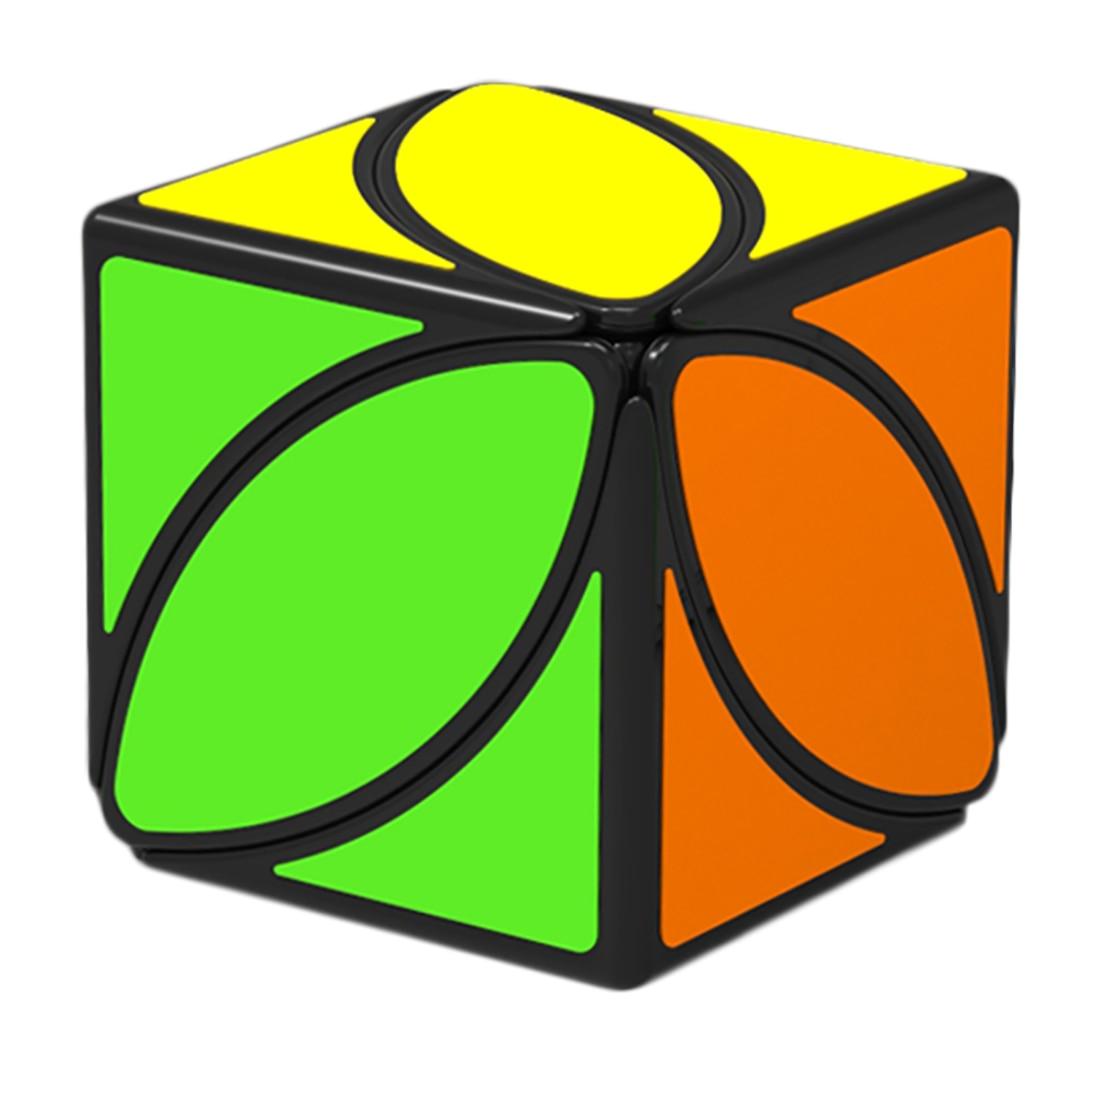 Головоломка QiYi Mofangge, кубик Ivy, первая закручивающаяся головоломка, магический куб, Обучающие игрушки, cubo magico, новое поступление